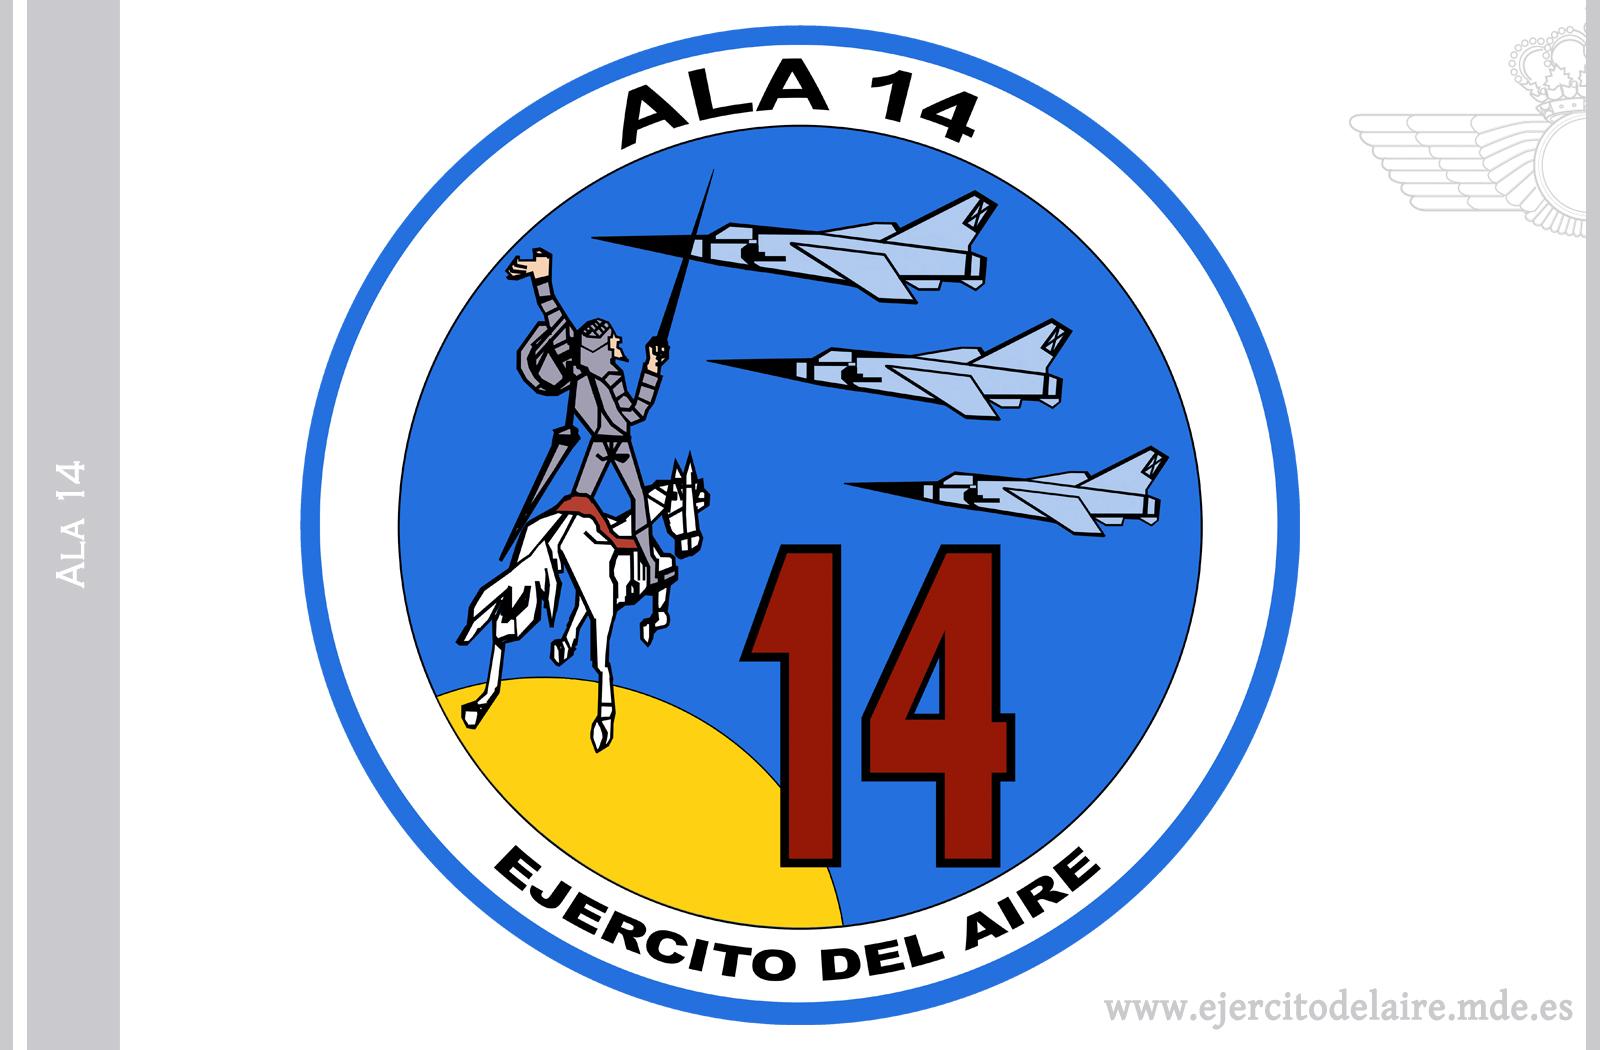 01c2864d5 Ejército del Aire - Organización - Unidades - Detalle unidad